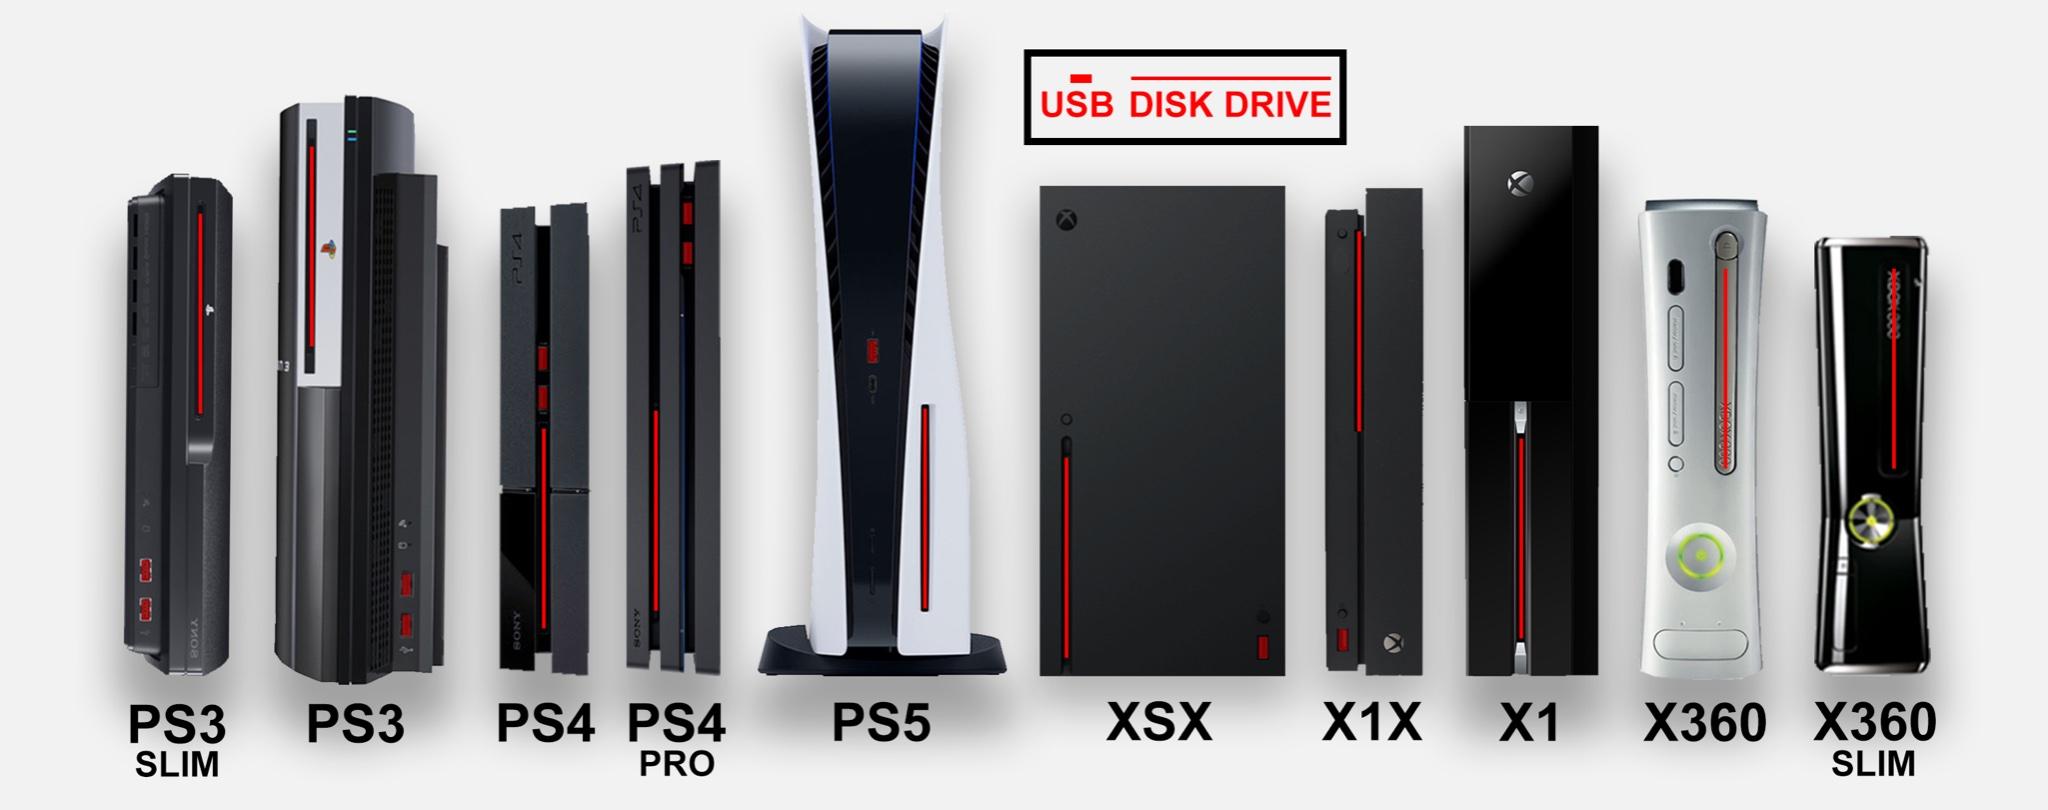 PS5大きさ比較画像